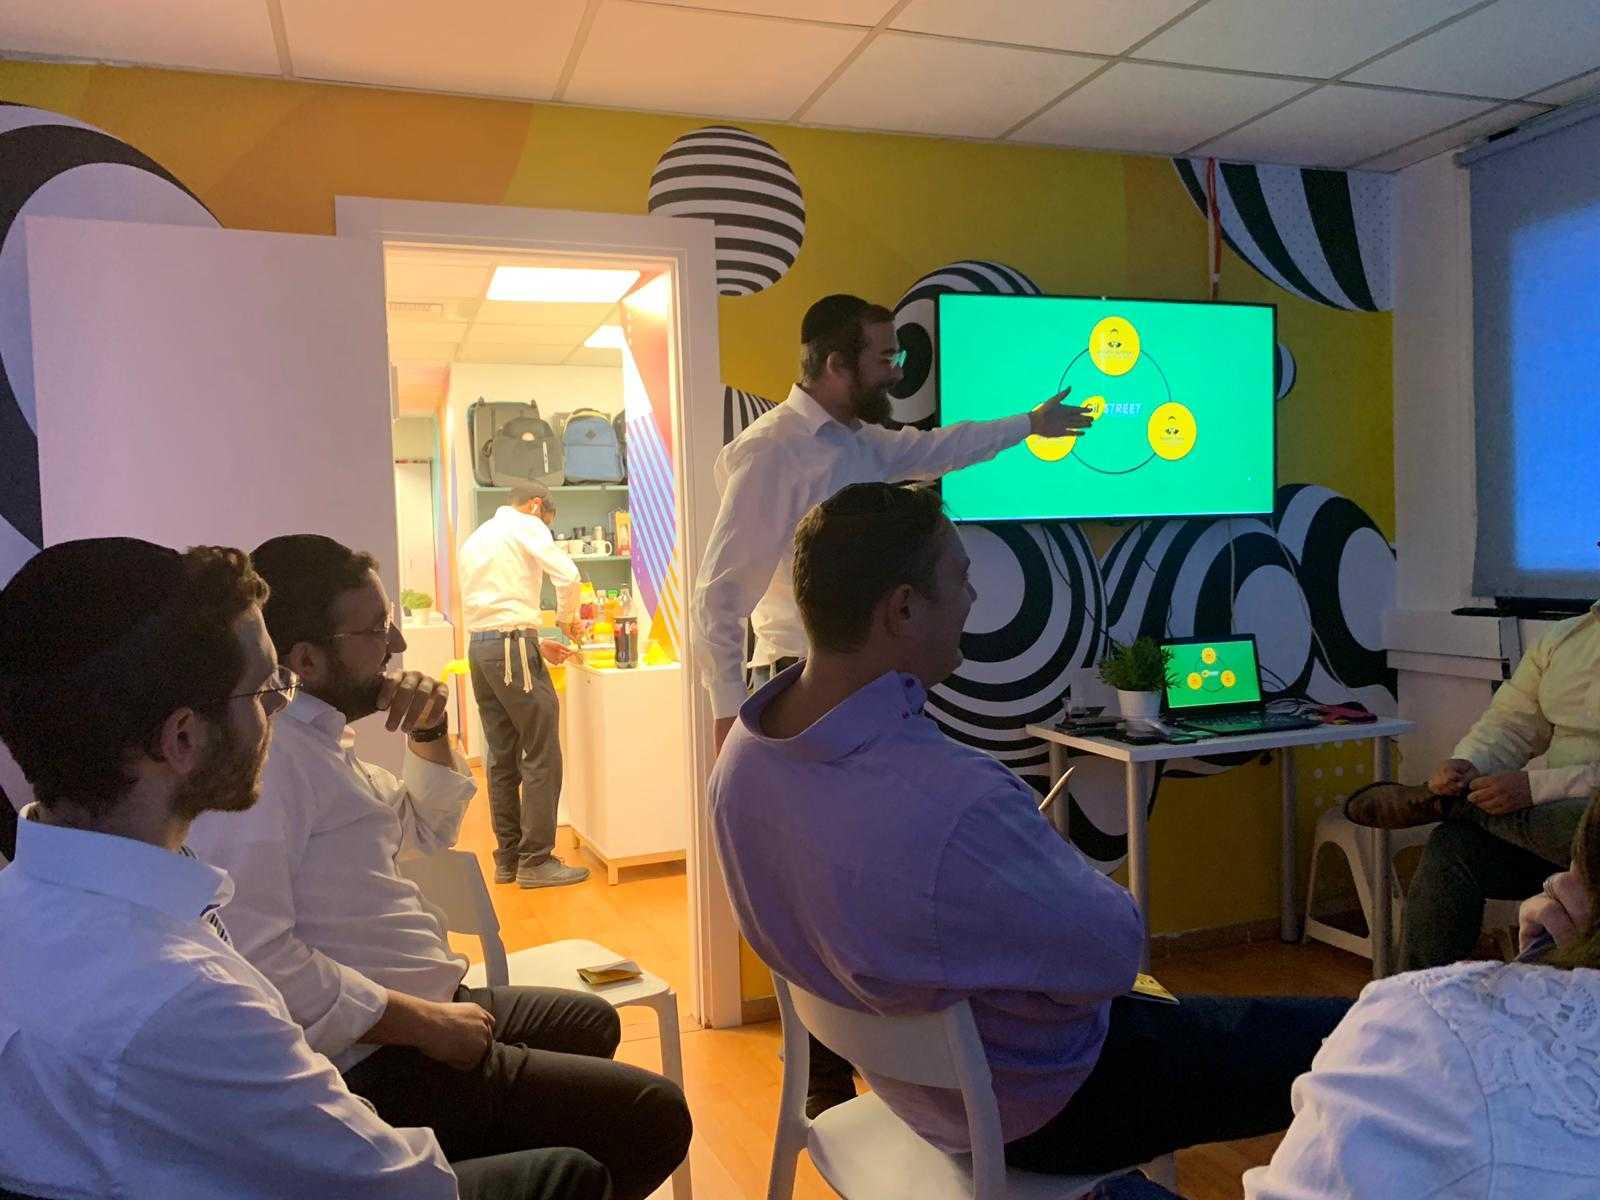 יצירתי: בקבוצת 'גיל גרופ' יזמו מפגש צוות עם תחרות בין החטיבות 3